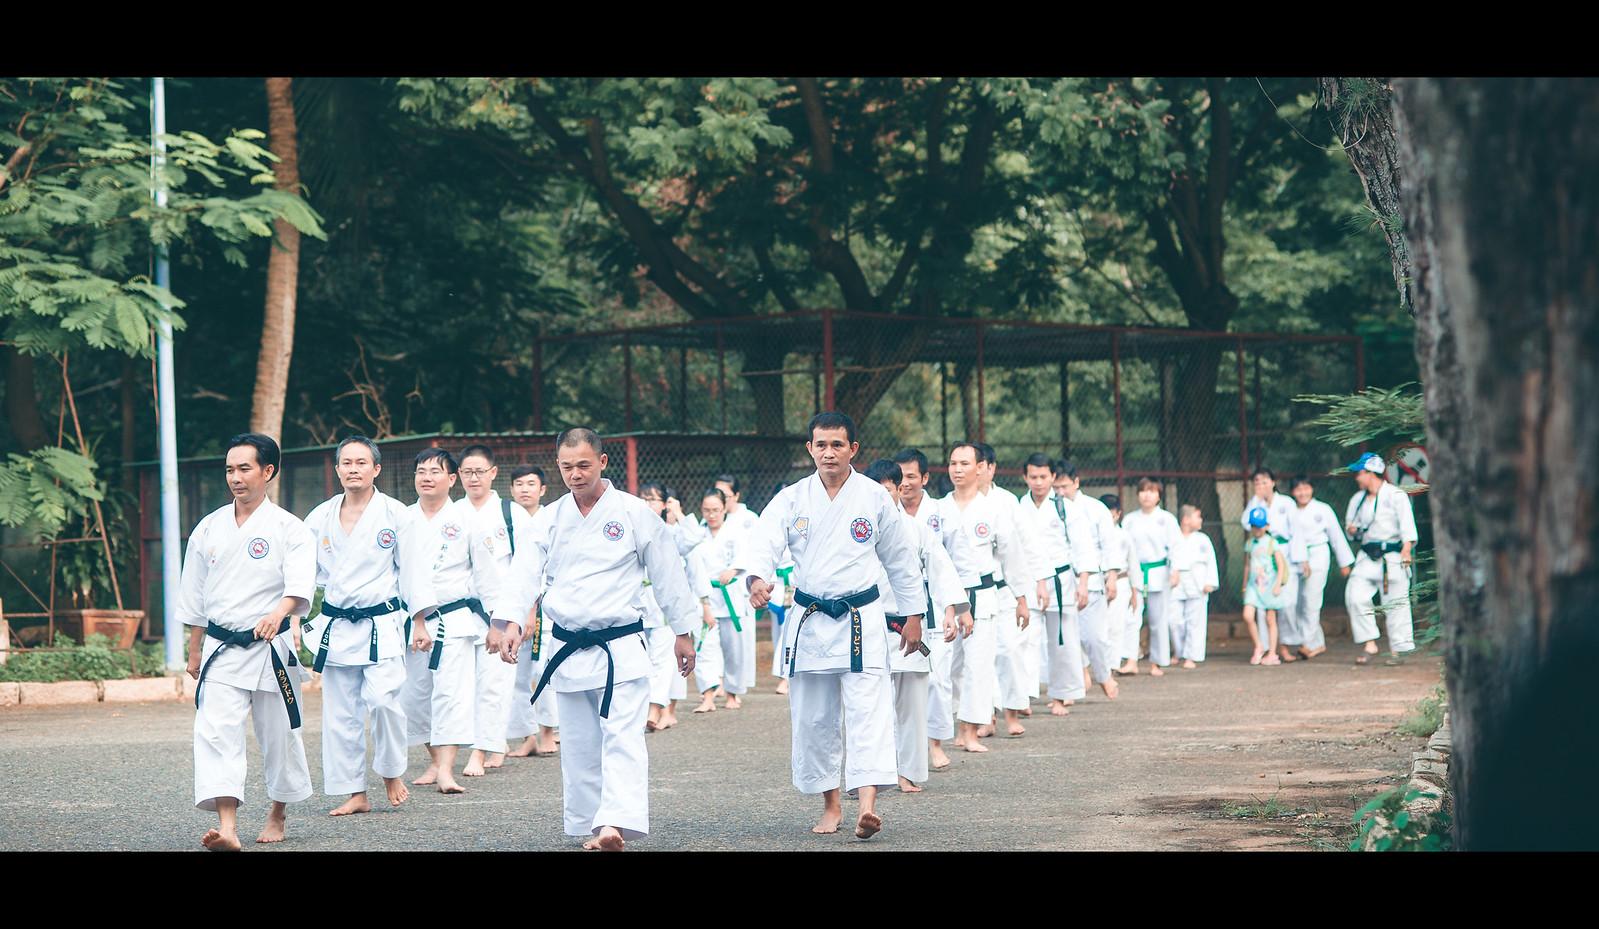 28861533377 6c047ad1cf h - Chùm ảnh Karate qua màu phim cực chất